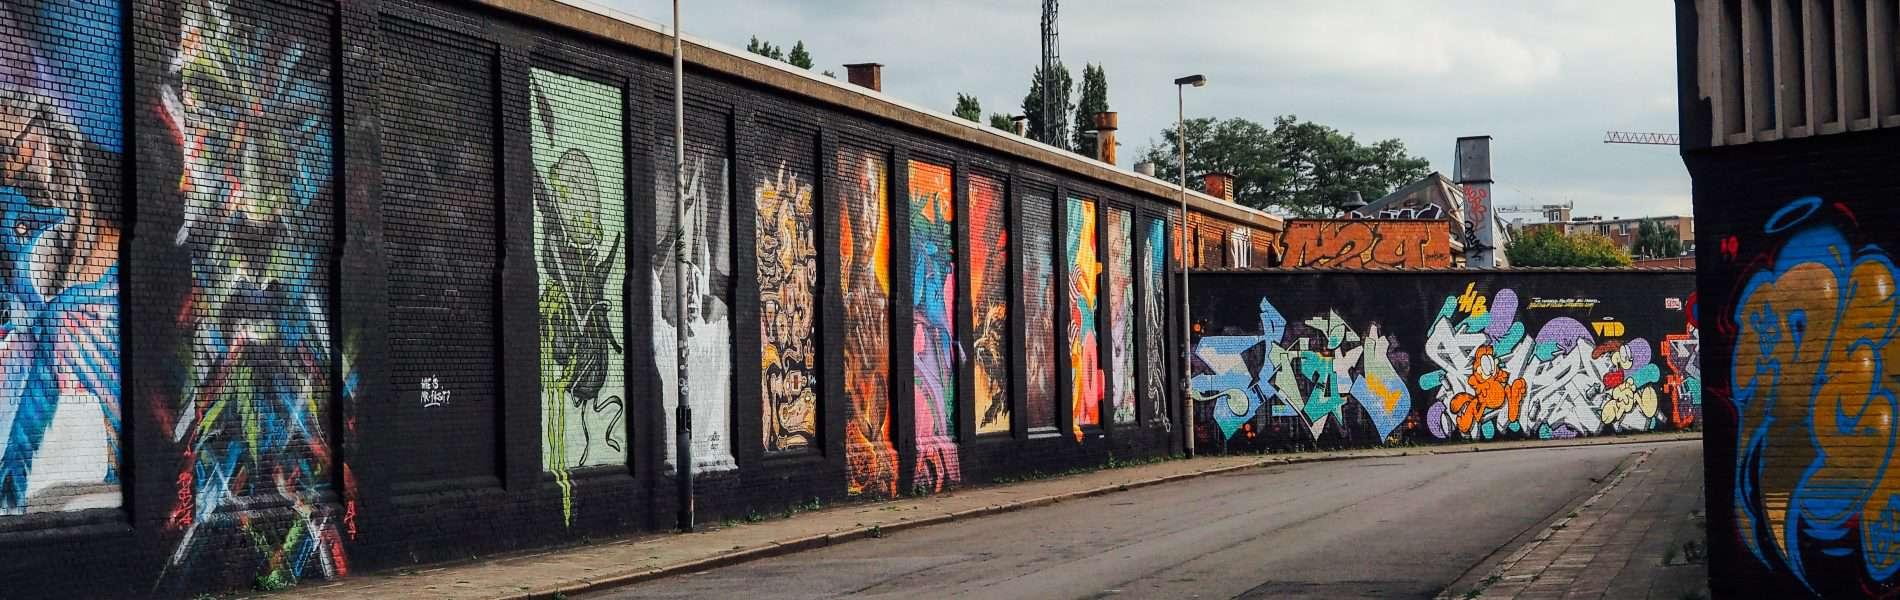 week end Anvers cityguide street art